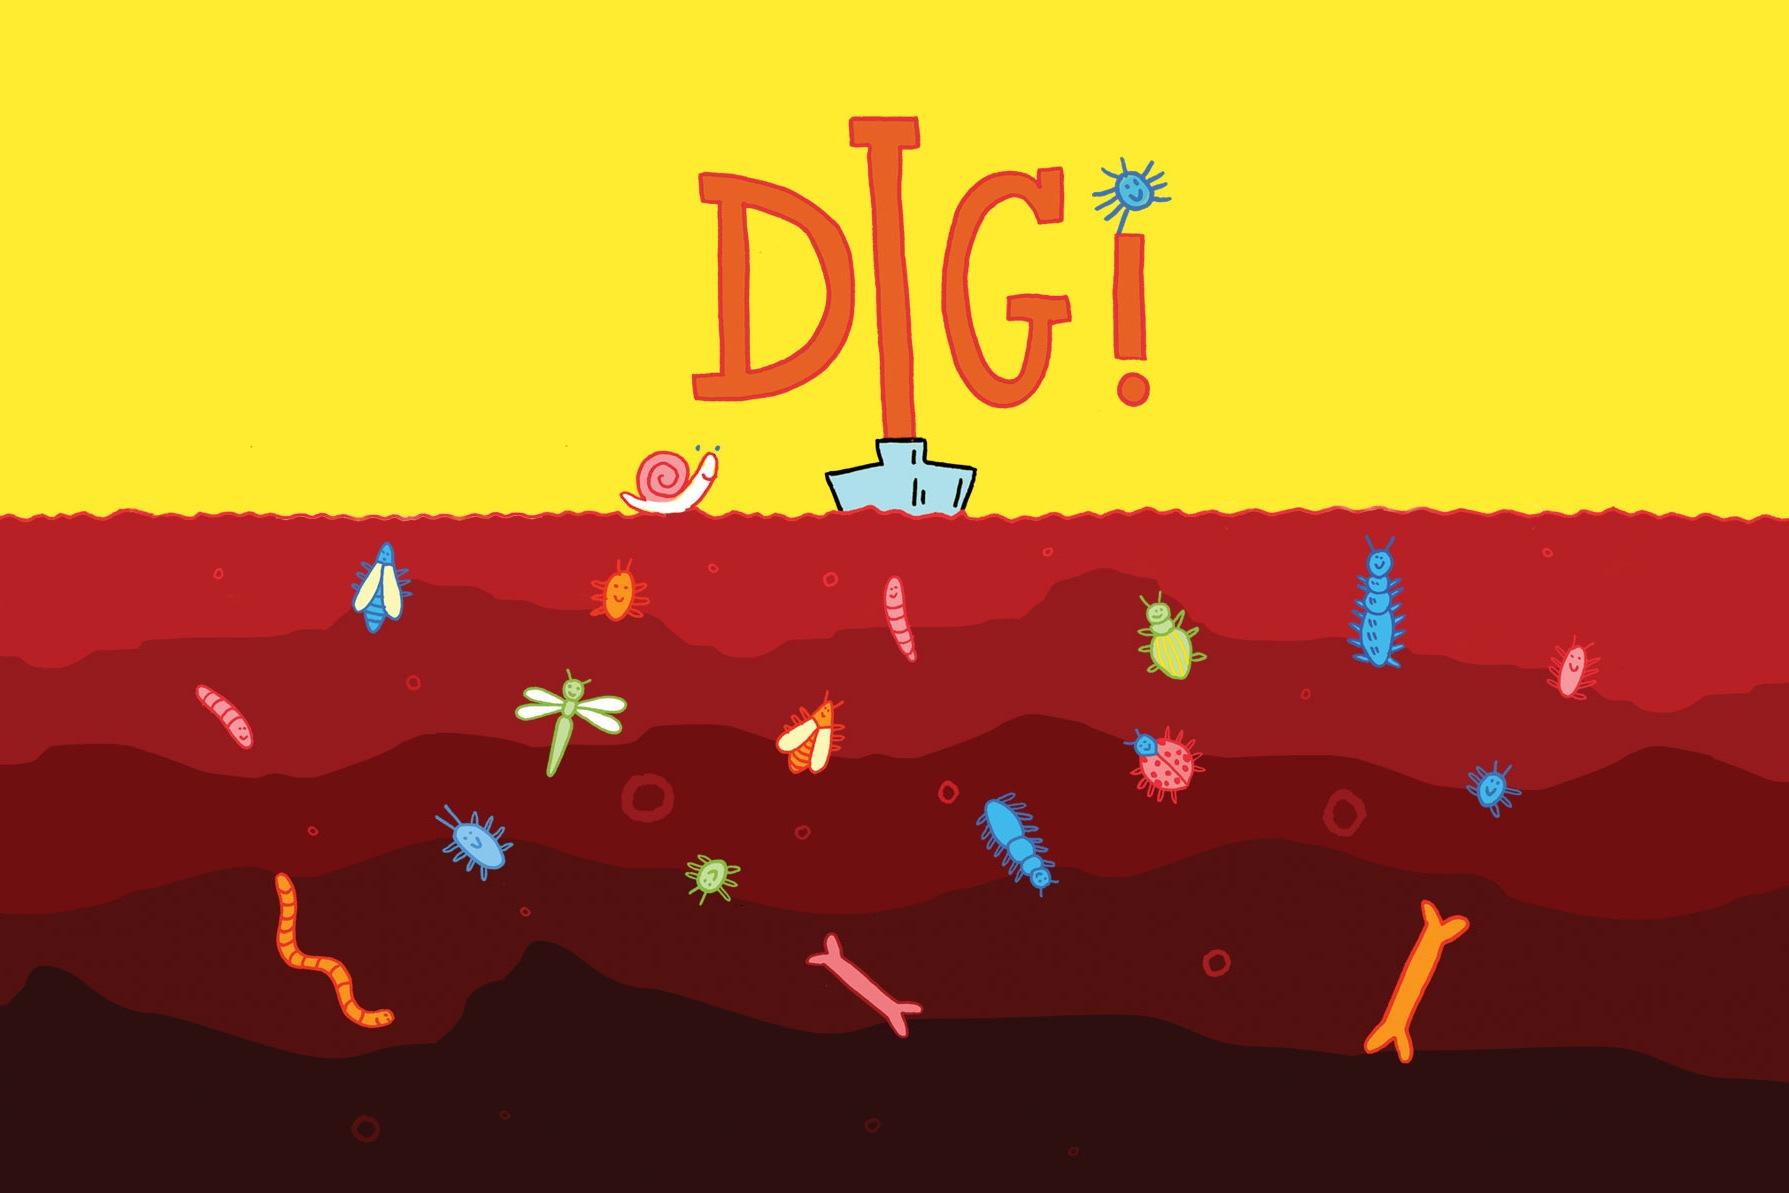 Dig! image